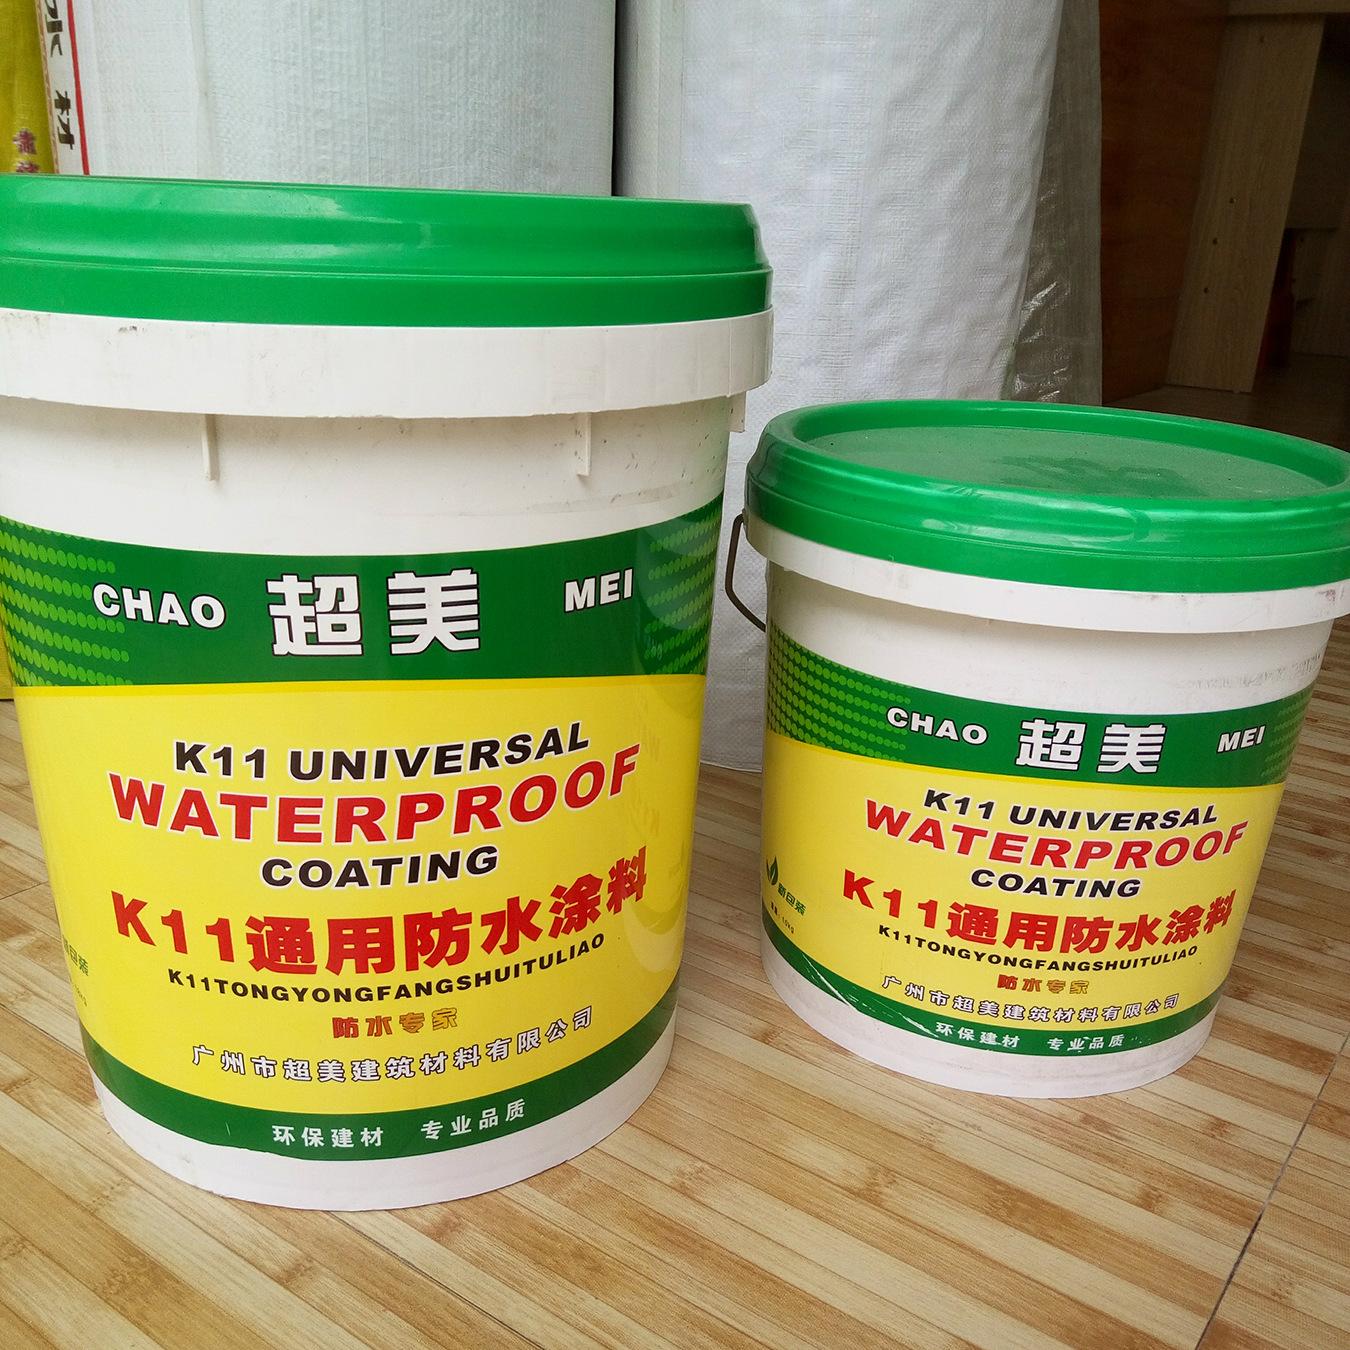 防水涂料K11 超美K11通用防水涂料